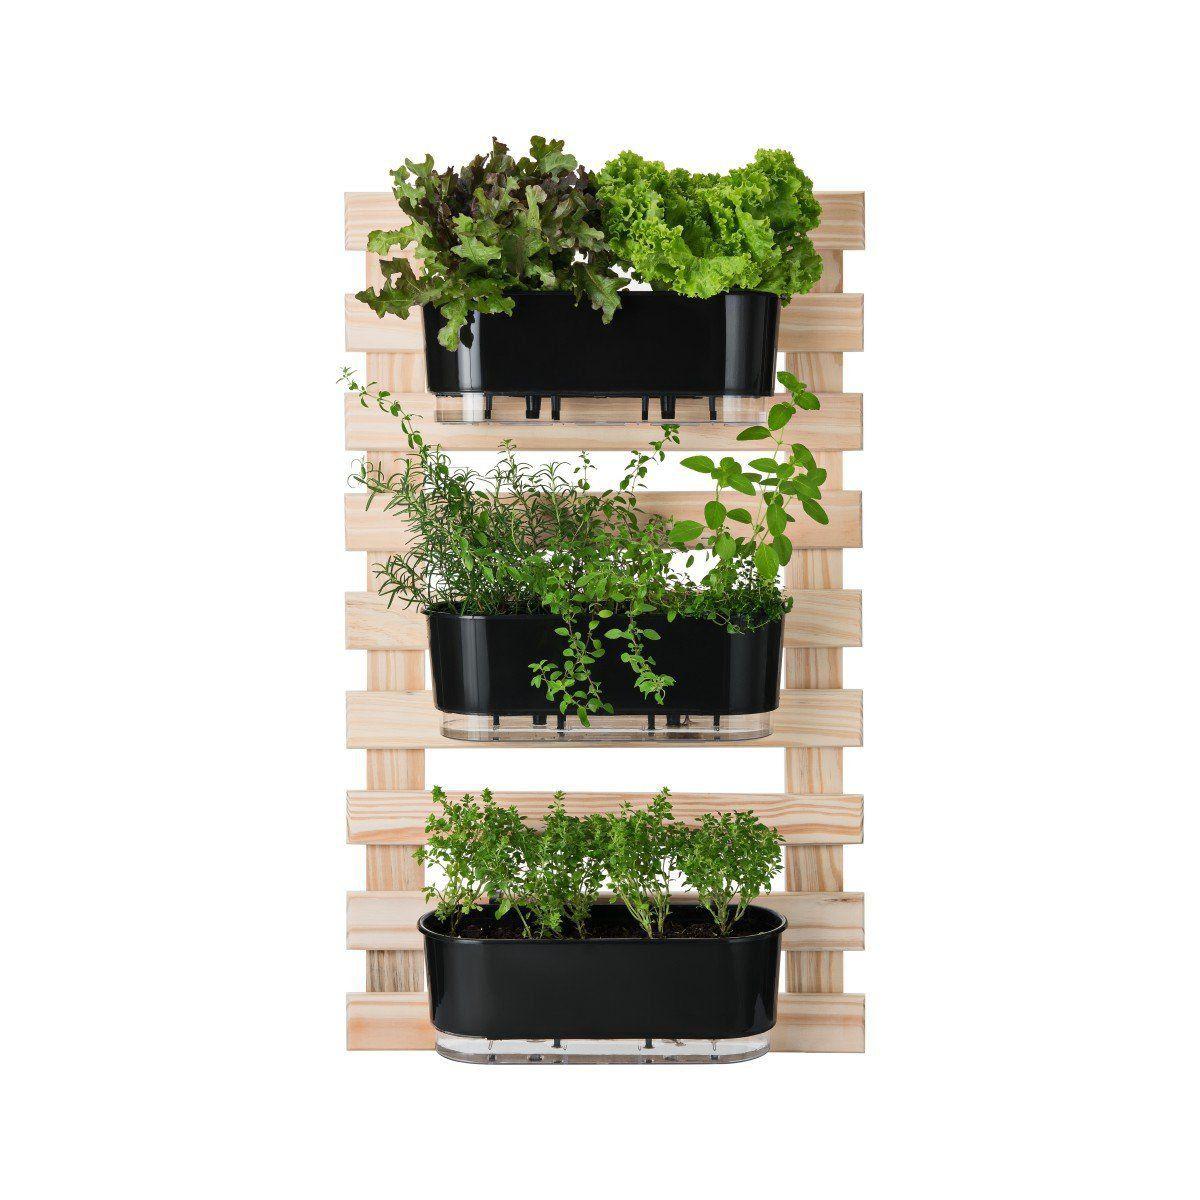 Kit Horta Vertical 100cm x 60cm com 3 Jardineiras Pretas Raiz + Suporte + Substrato + Argila